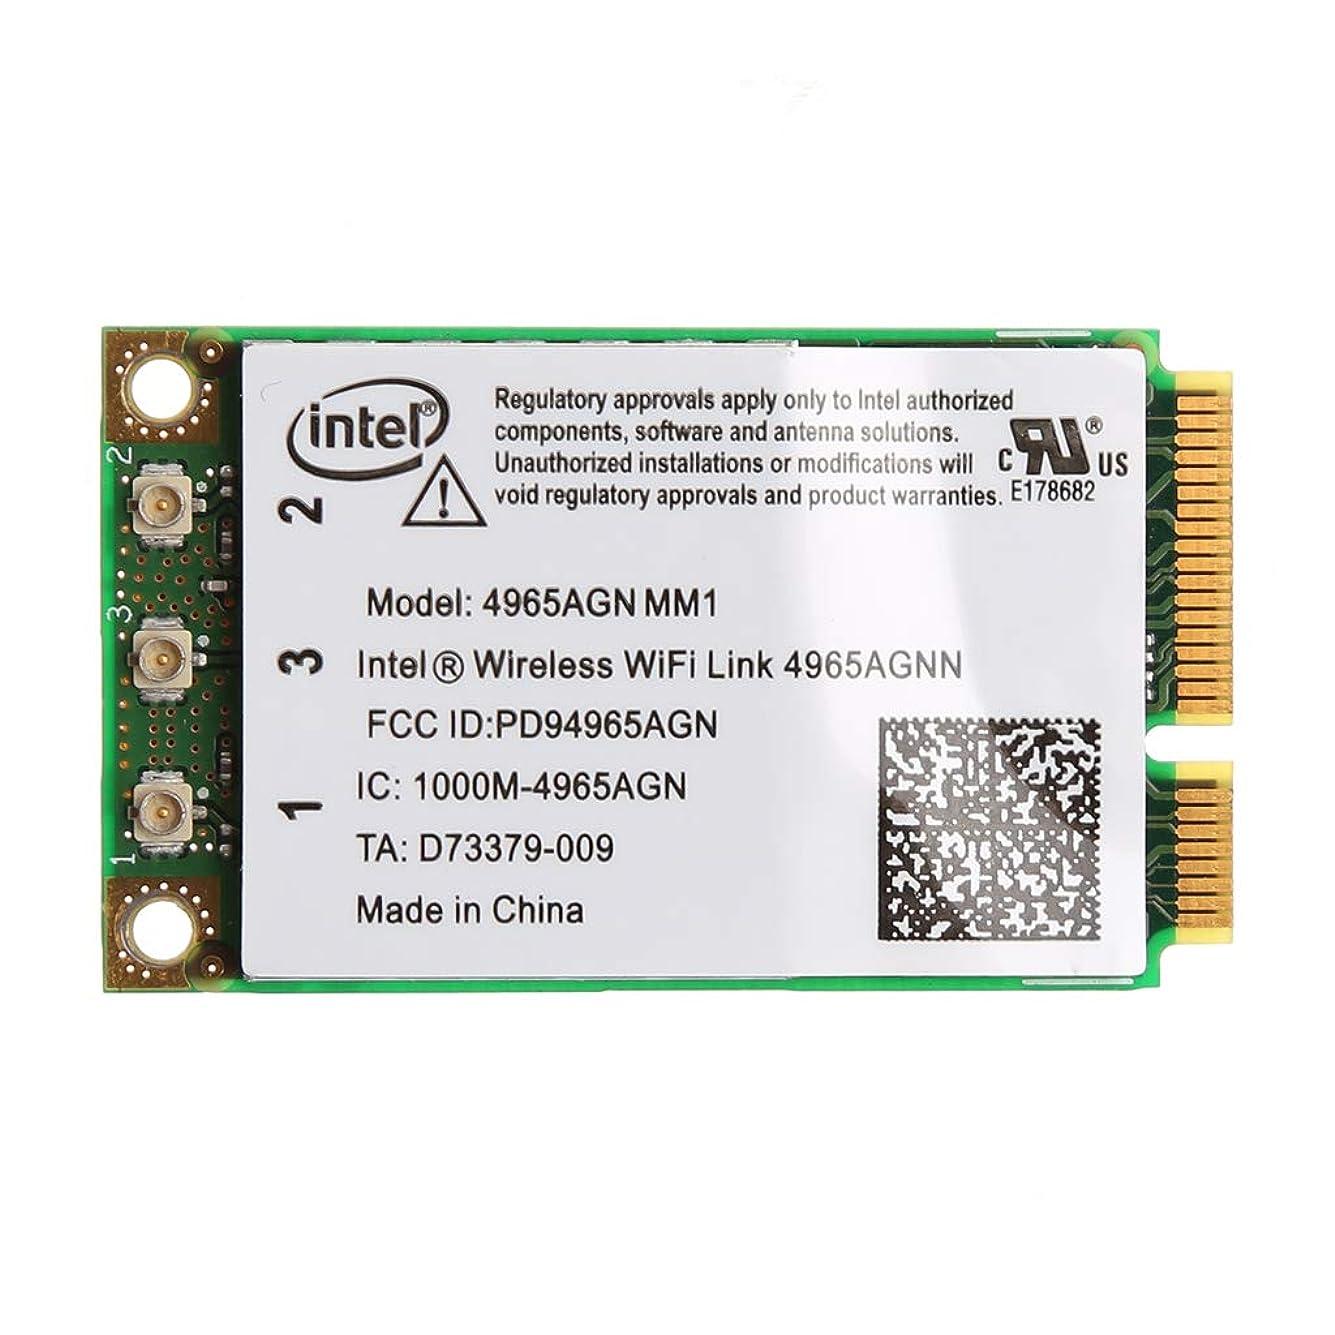 注目すべき砂利安定したBbbbaby 4965AGN NM1用のデュアルバンド300Mbps WiFiリンクミニPCI-Eワイヤレスカード